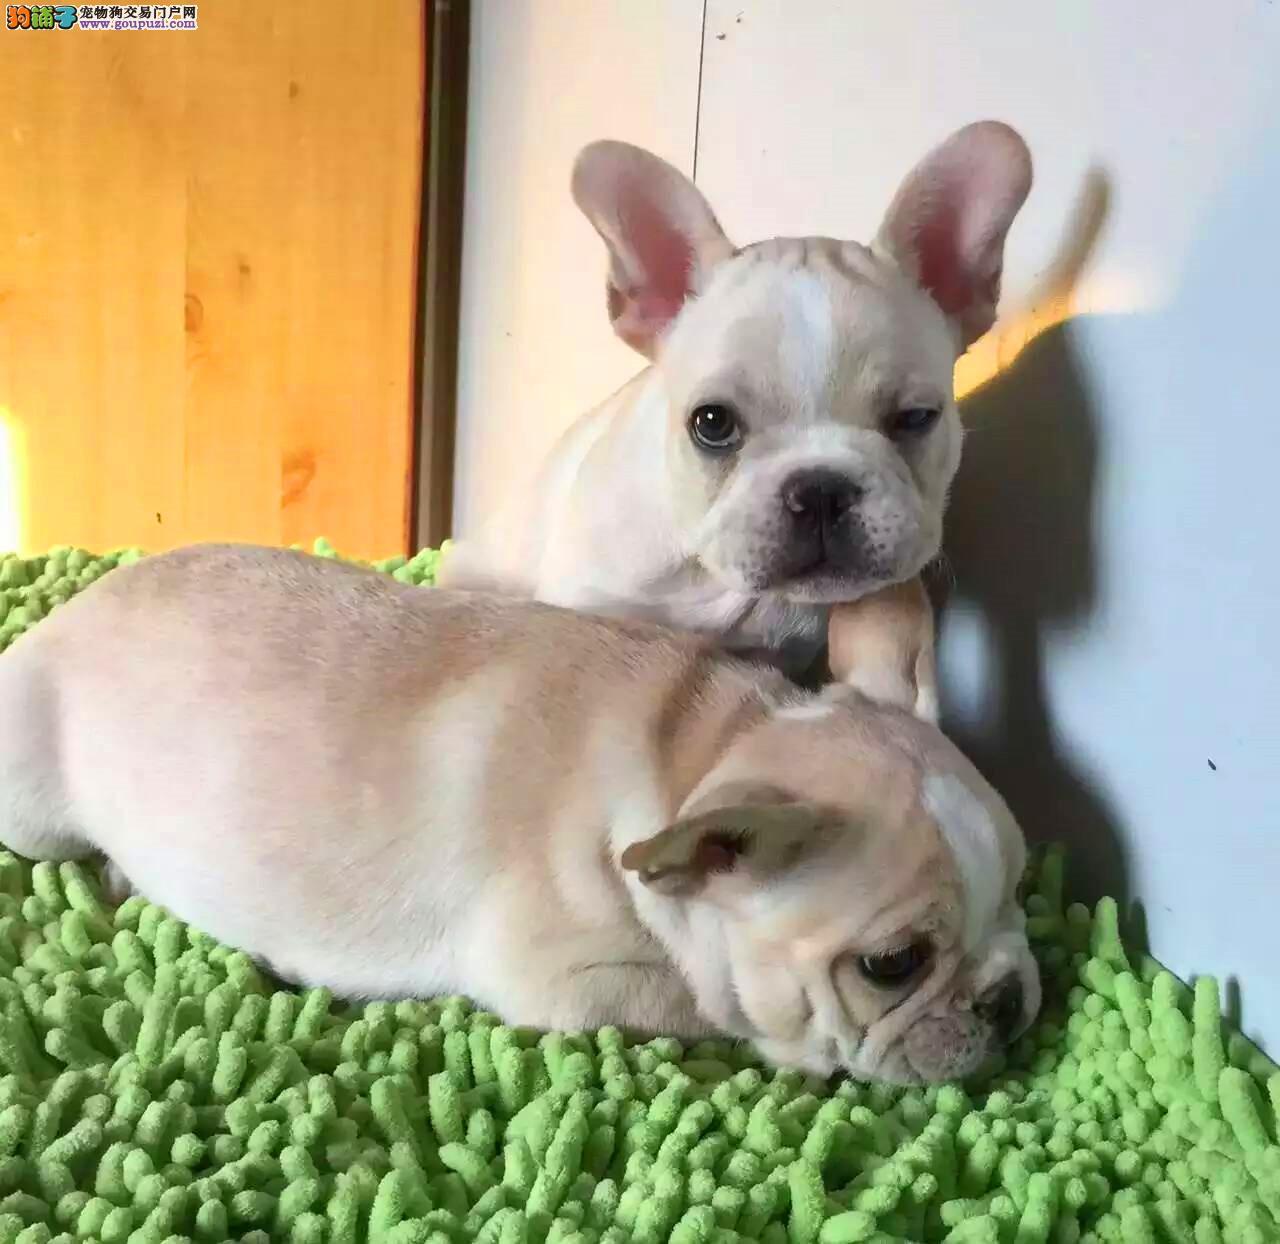 法国斗牛犬宝宝出售中、金牌店铺品质保障、签协议可送货